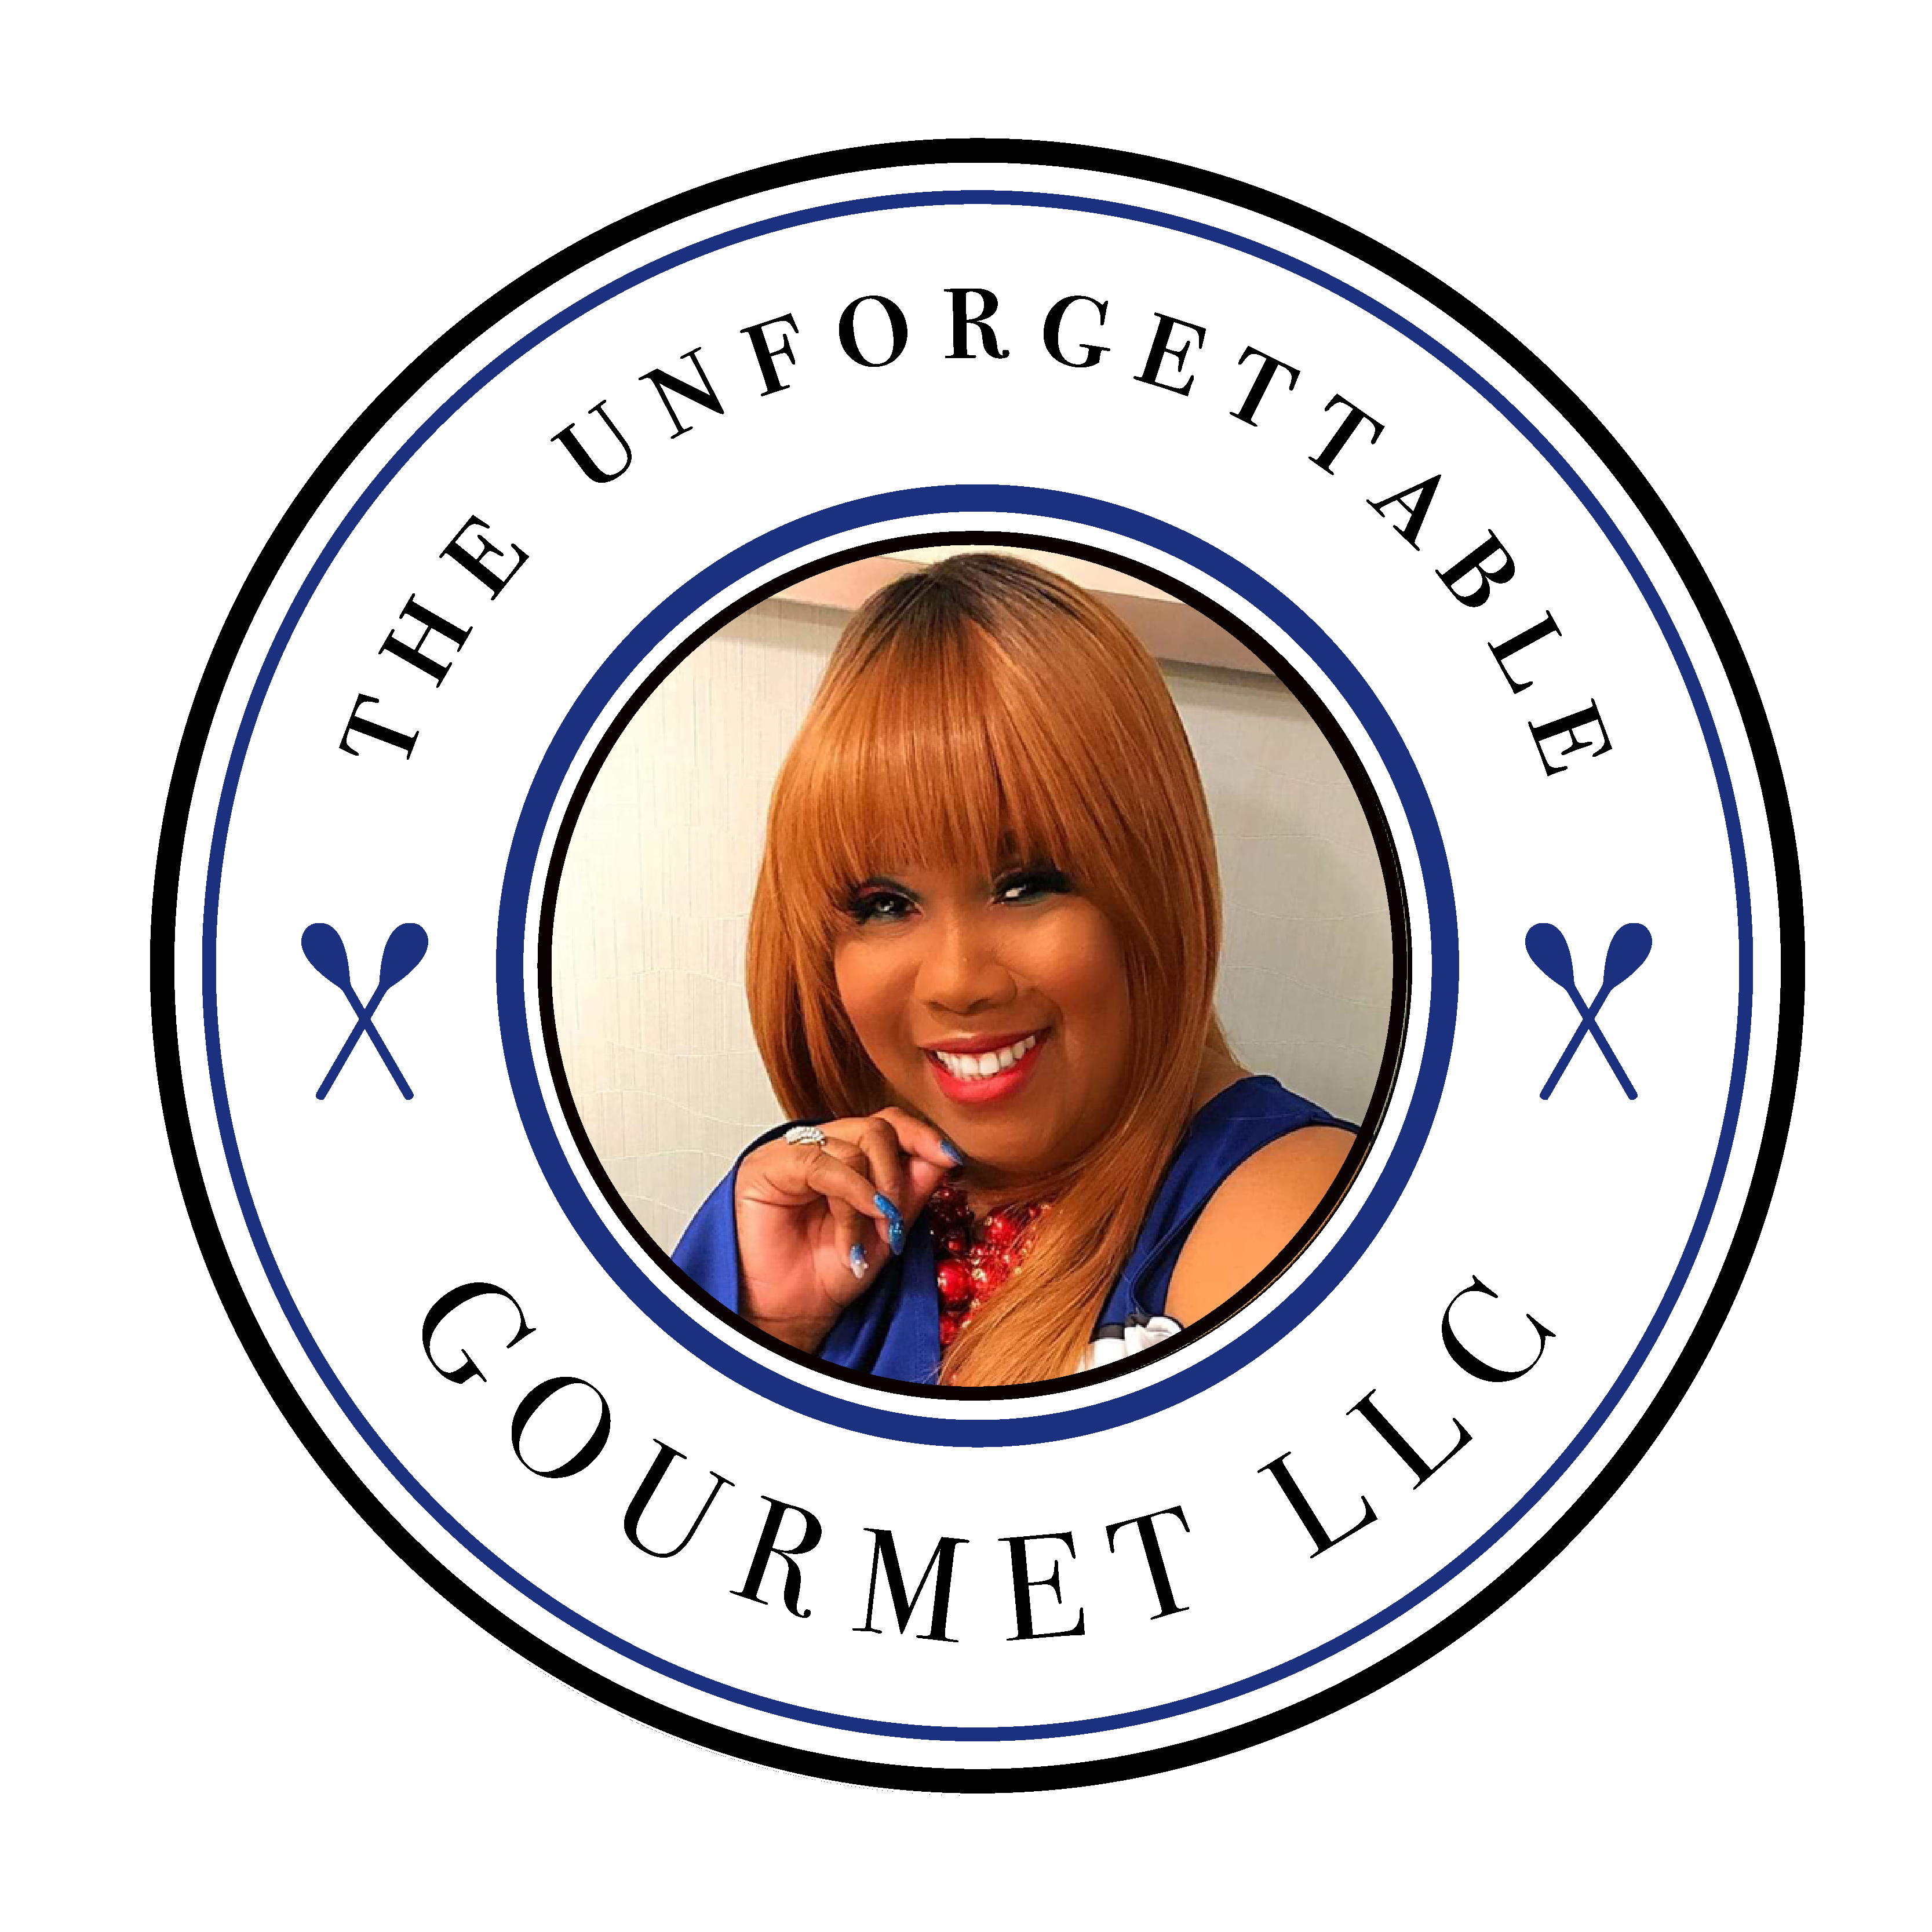 The Unforgettable Gourmet LLC